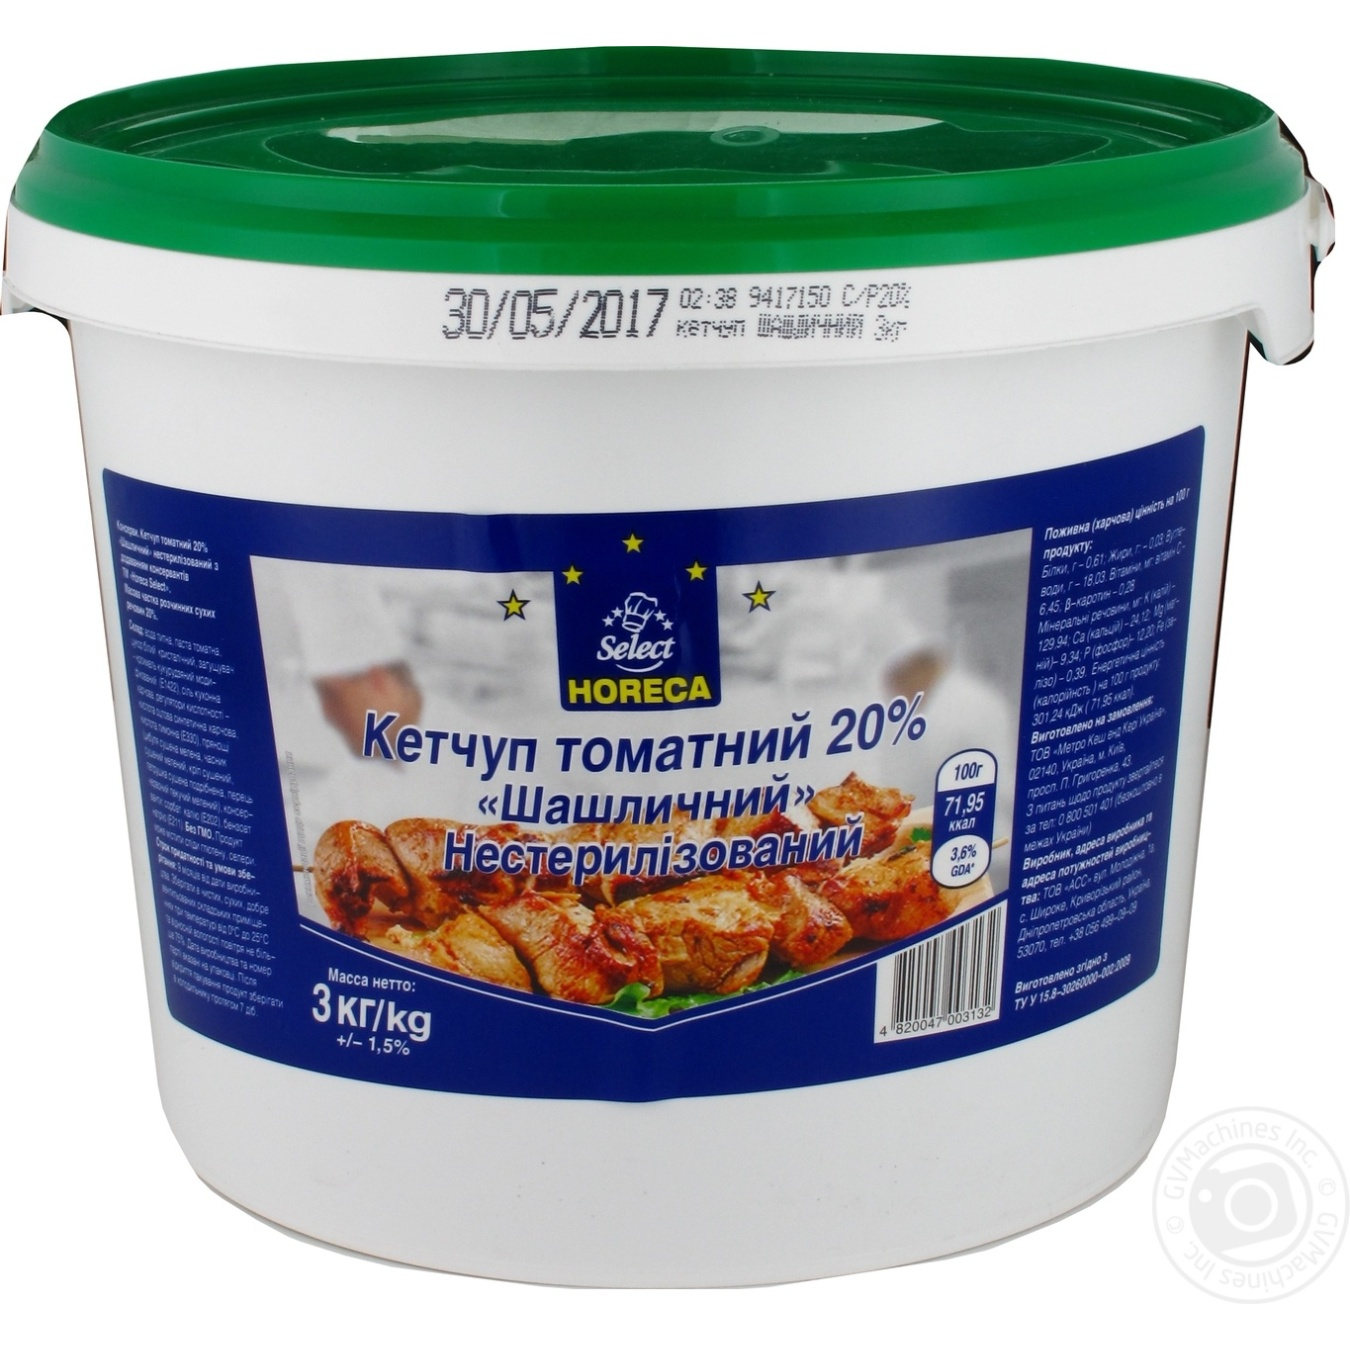 Купить Кетчуп томатный Horeca Select Шашлычный 20% 3000г